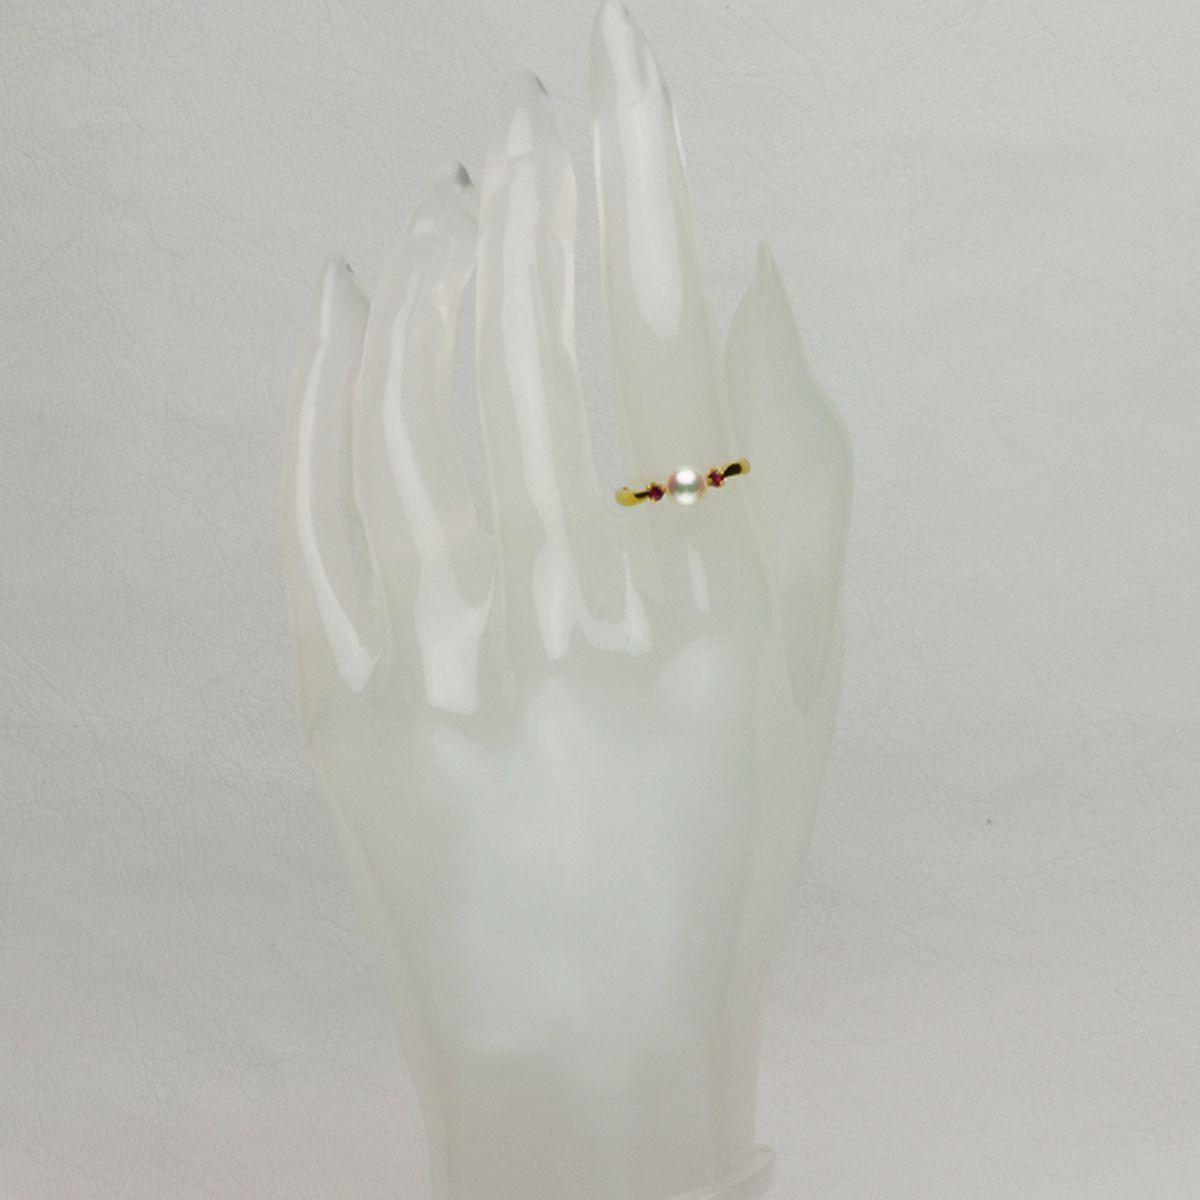 アコヤ真珠 パール リング 約5.8mm ゴールド K18 ラウンドの写真